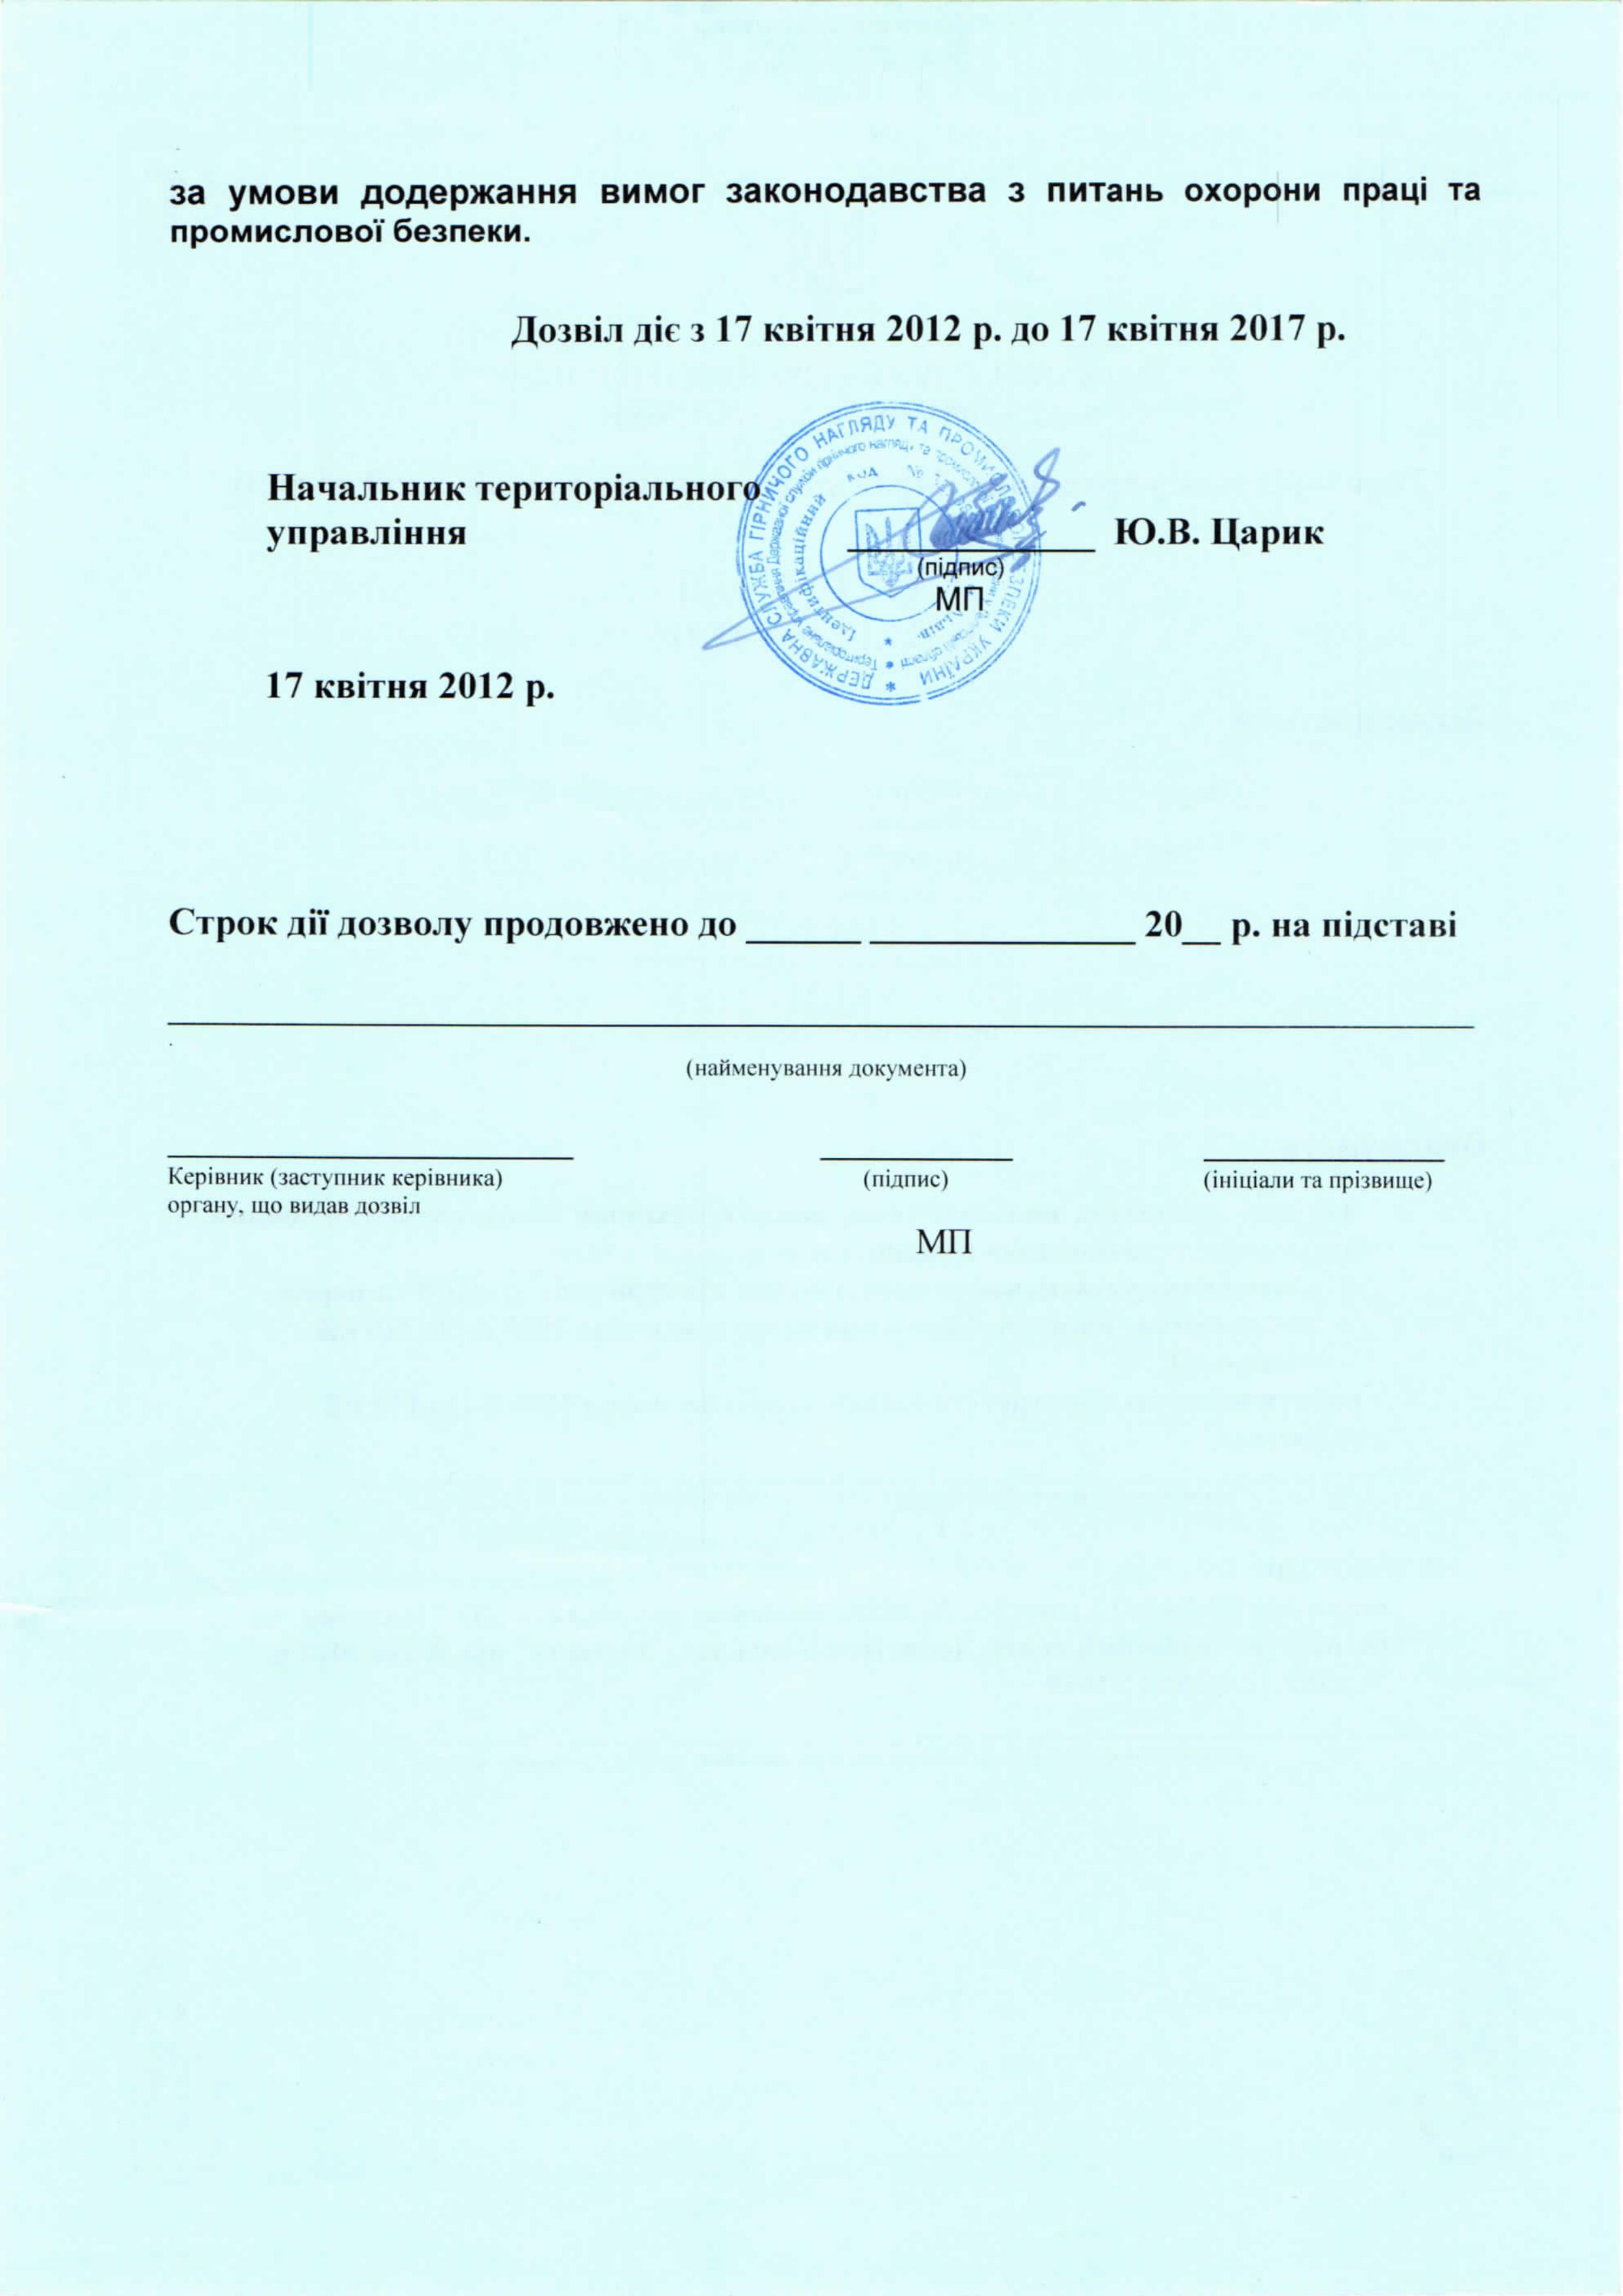 ліцензія Робітні 2